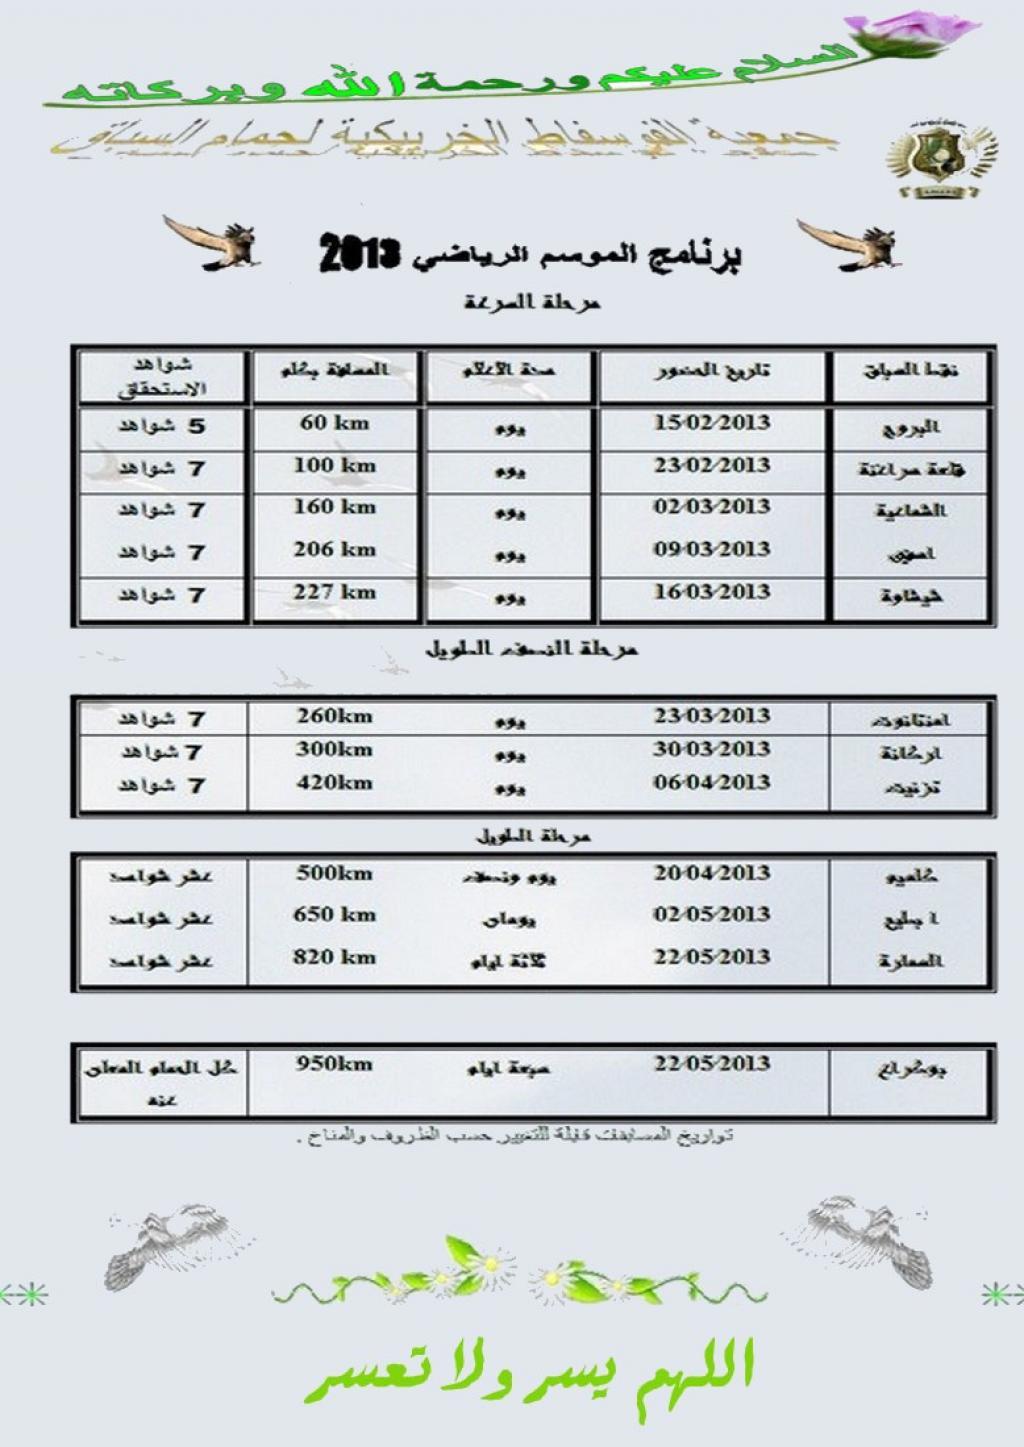 البرنامج السنوي 2013  Sans-titre-1-3ba2848